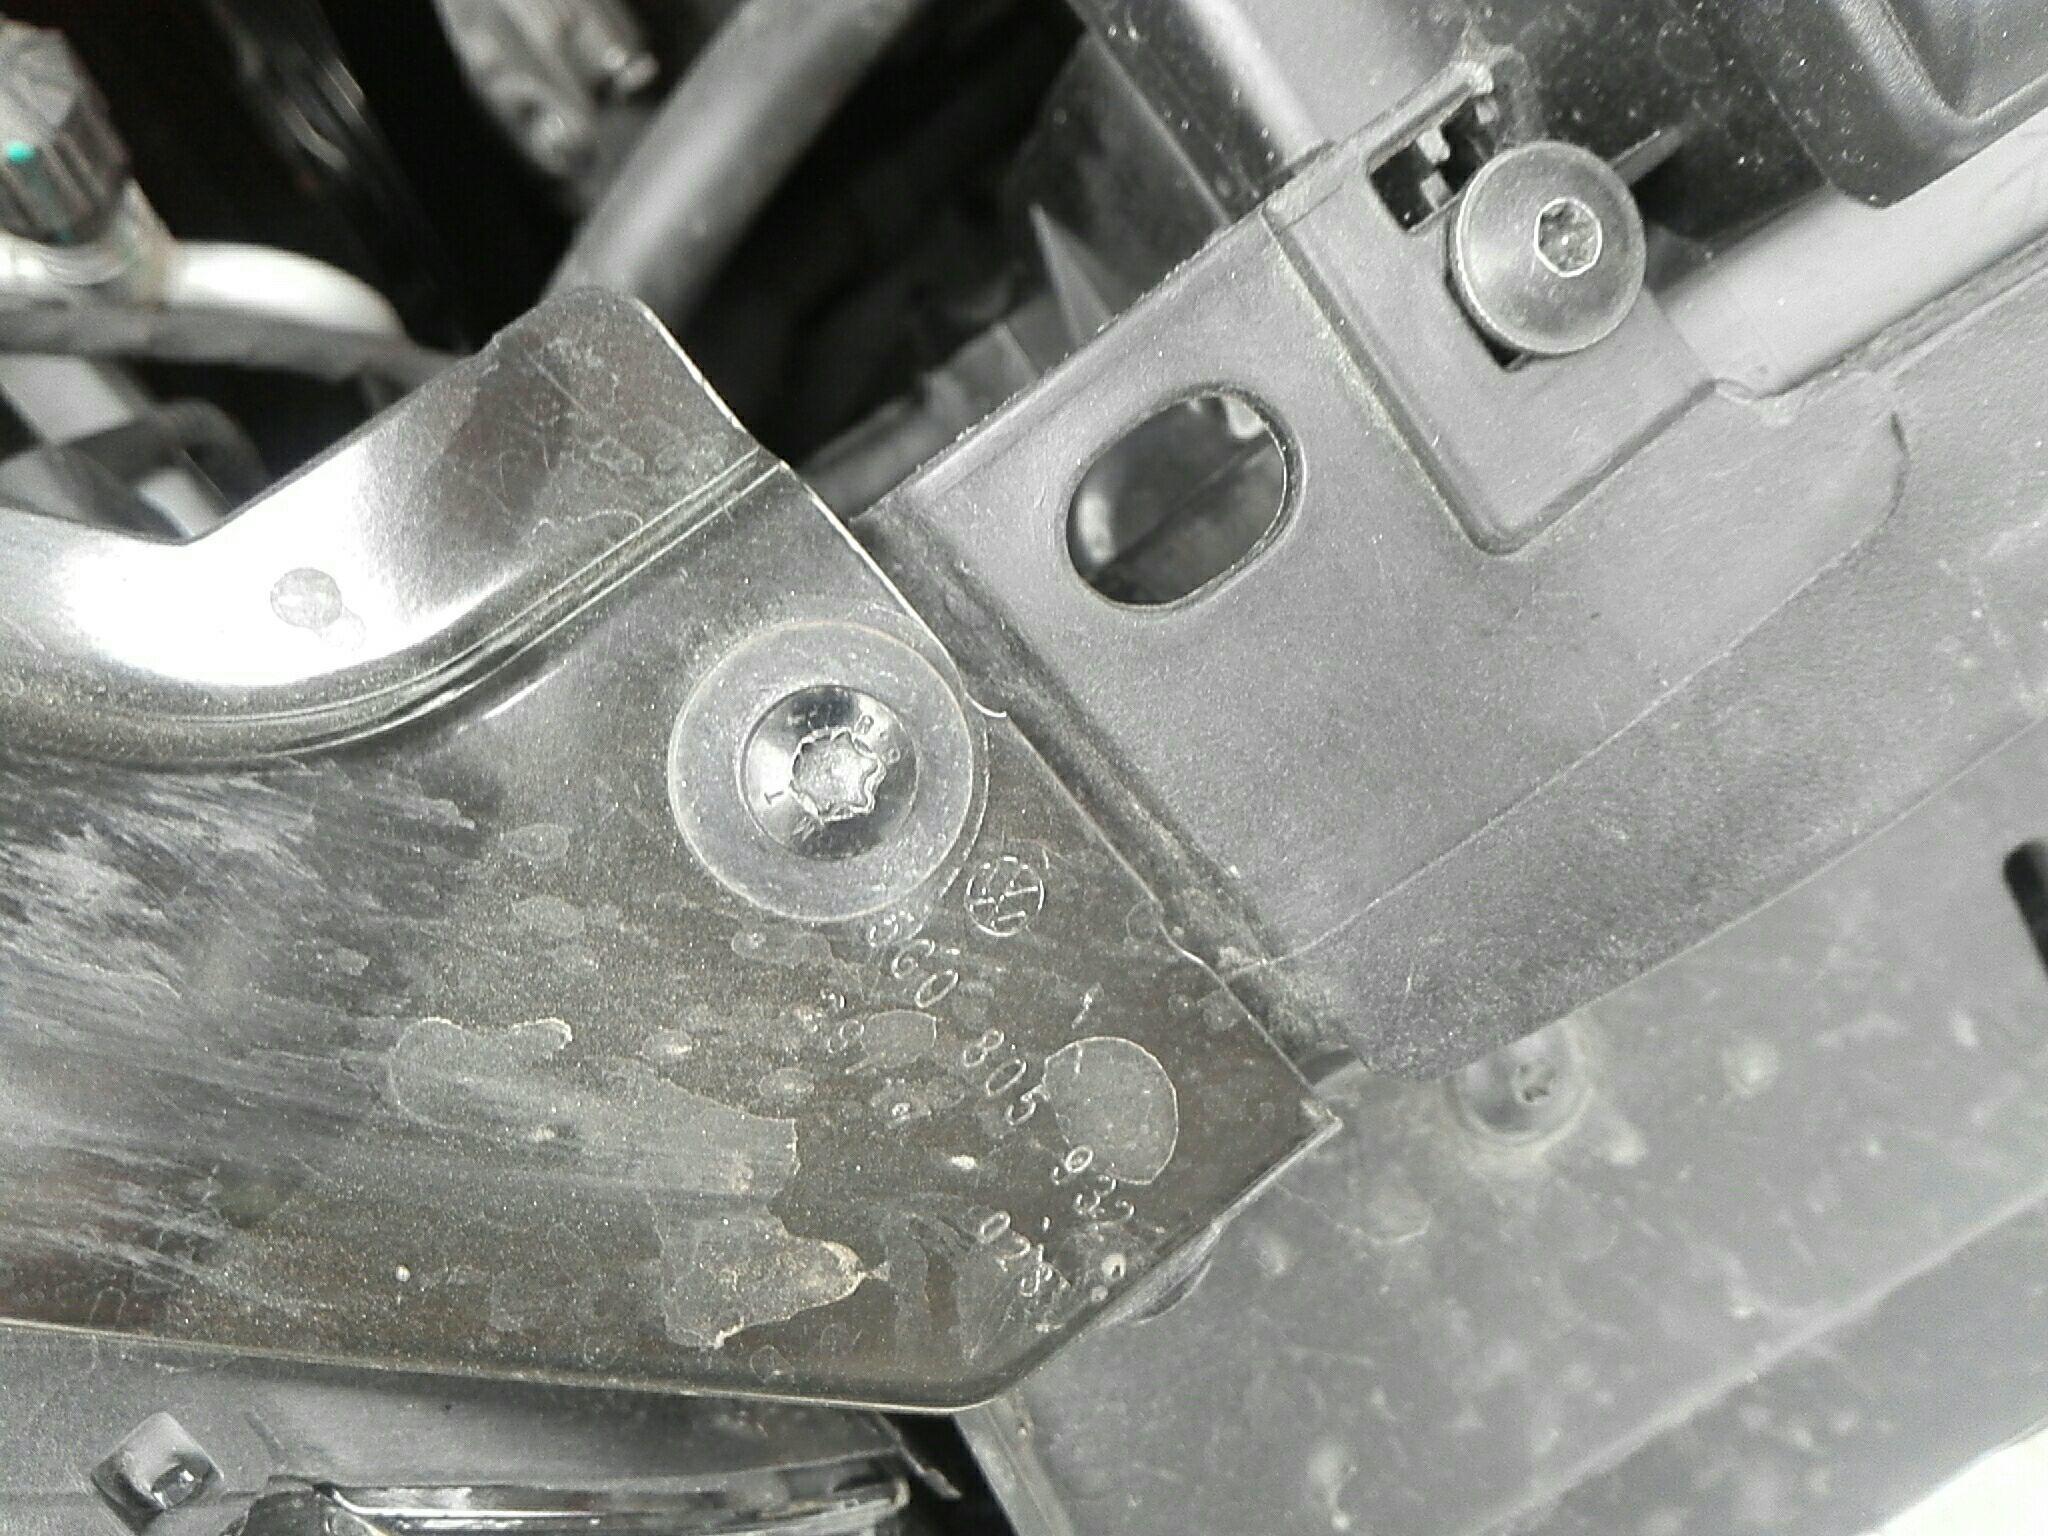 佛山二手大众高尔夫 > 大众高尔夫 20  车头轻微的碰撞会导致水箱框